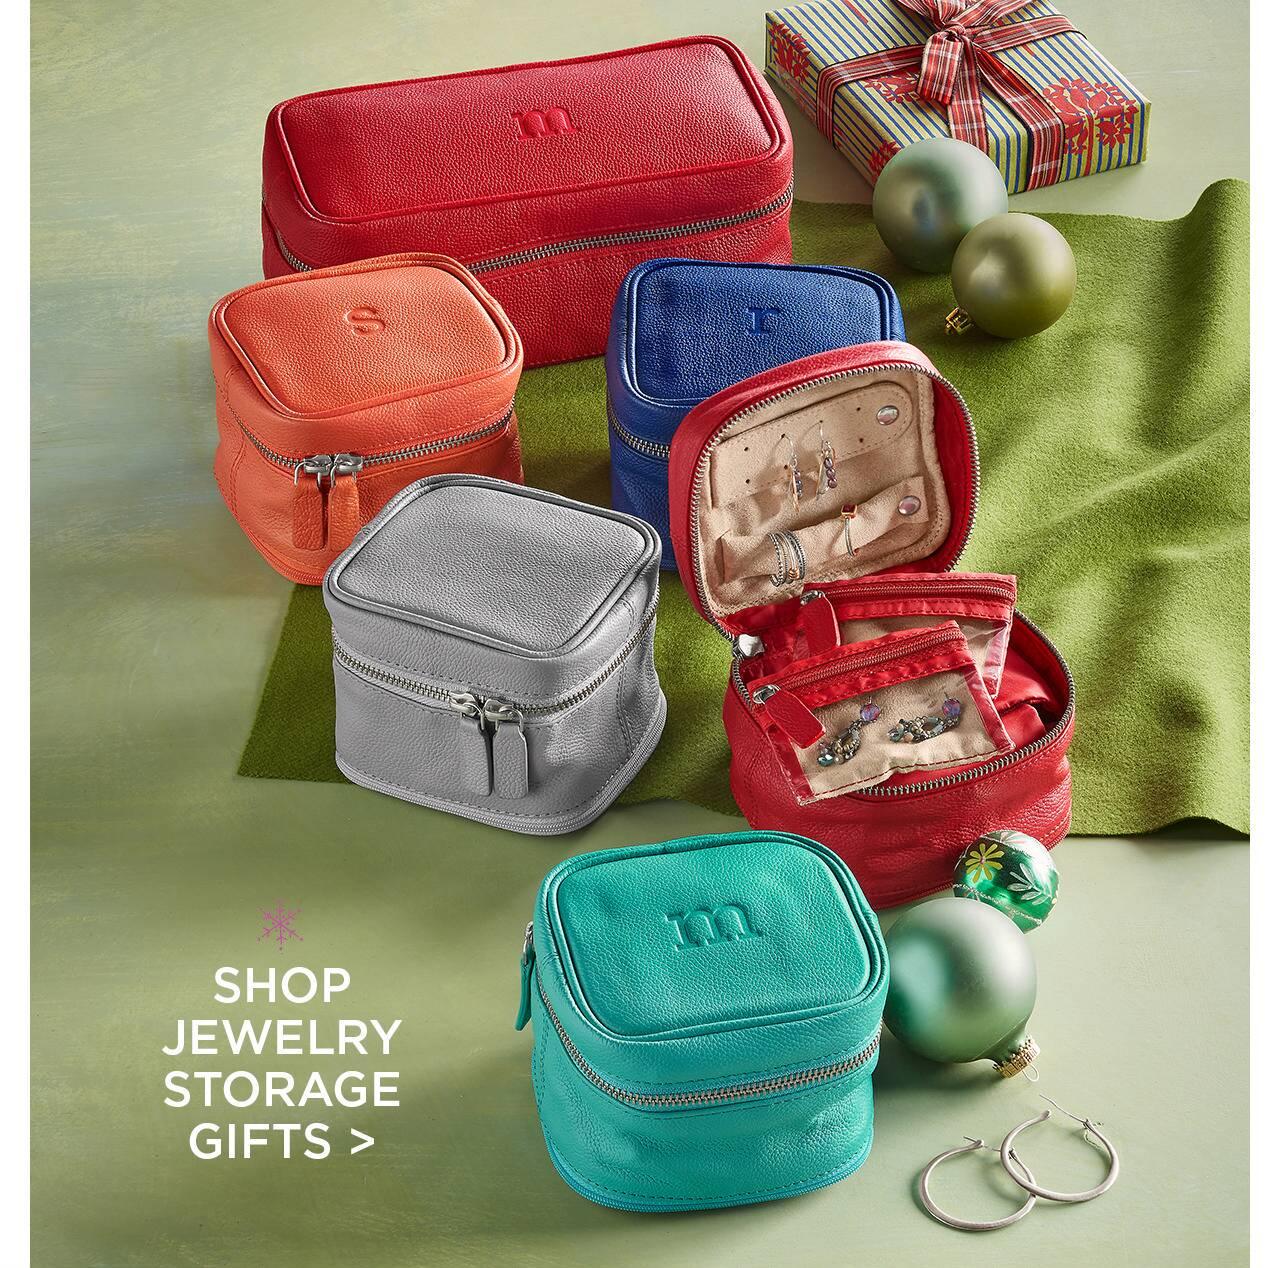 Jewelry Storage Gifts